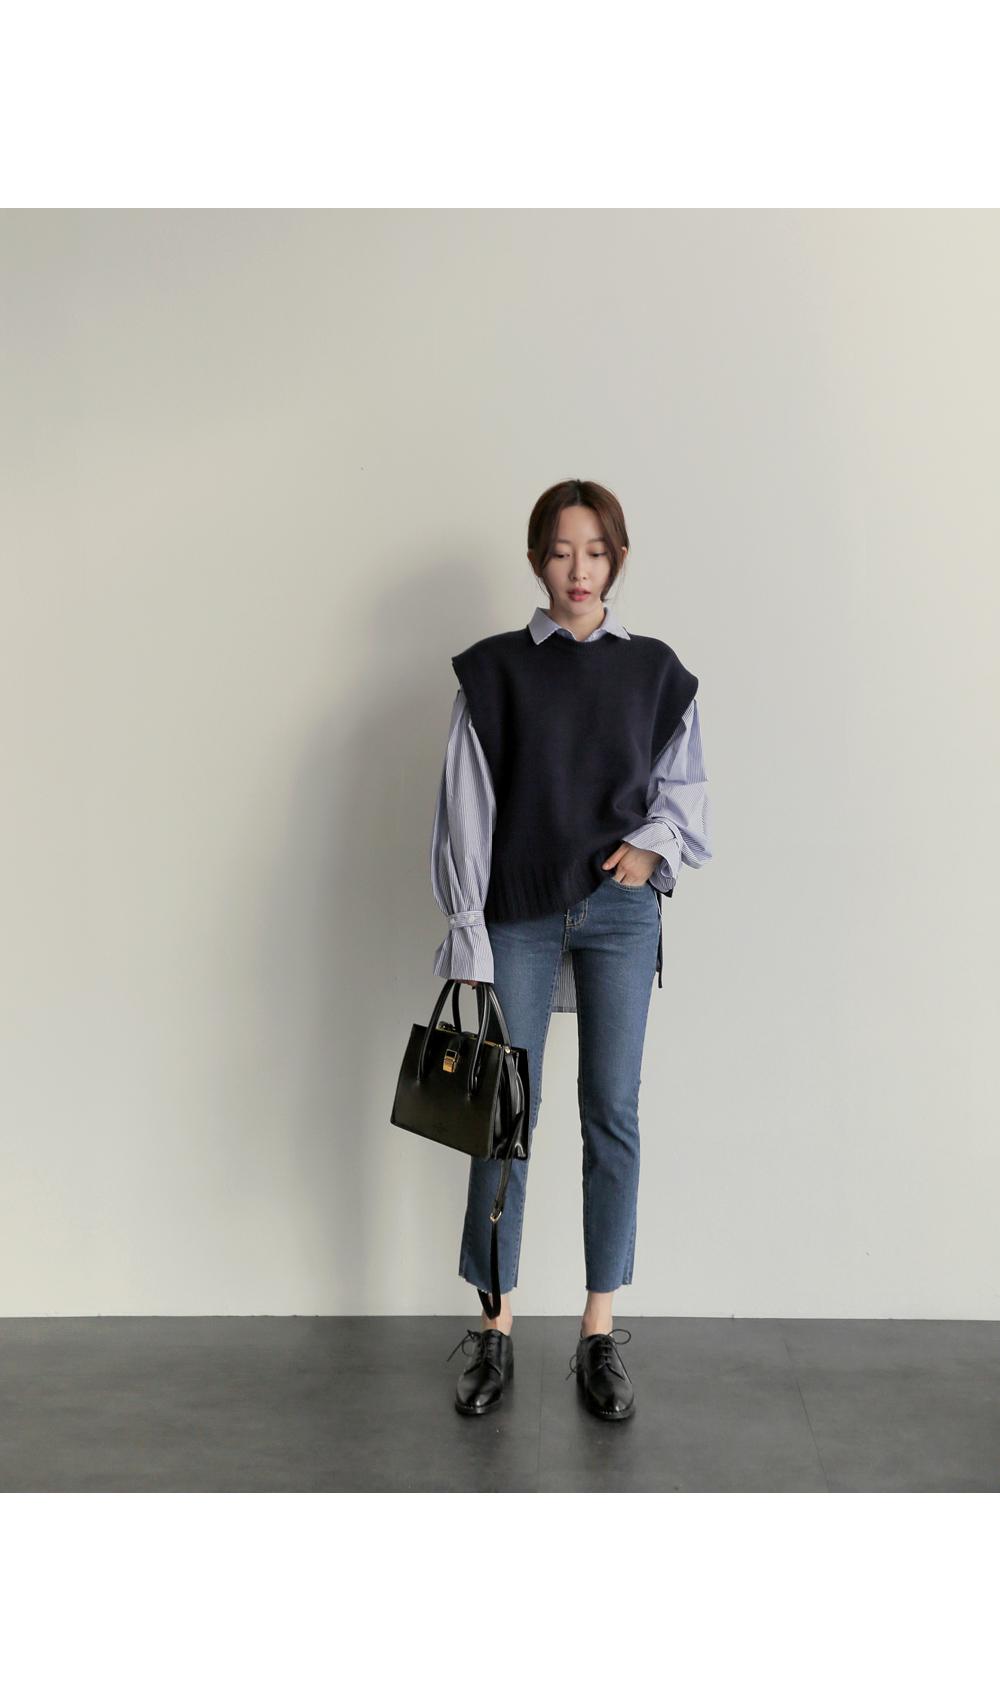 【即納】韓国 ファッション トップス ニット セーター 秋冬春 カジュアル SPTX5258  コーデに可愛げを呼ぶ。リボンディテールのニットベスト オルチャン シンプル 定番 セレカジの写真18枚目